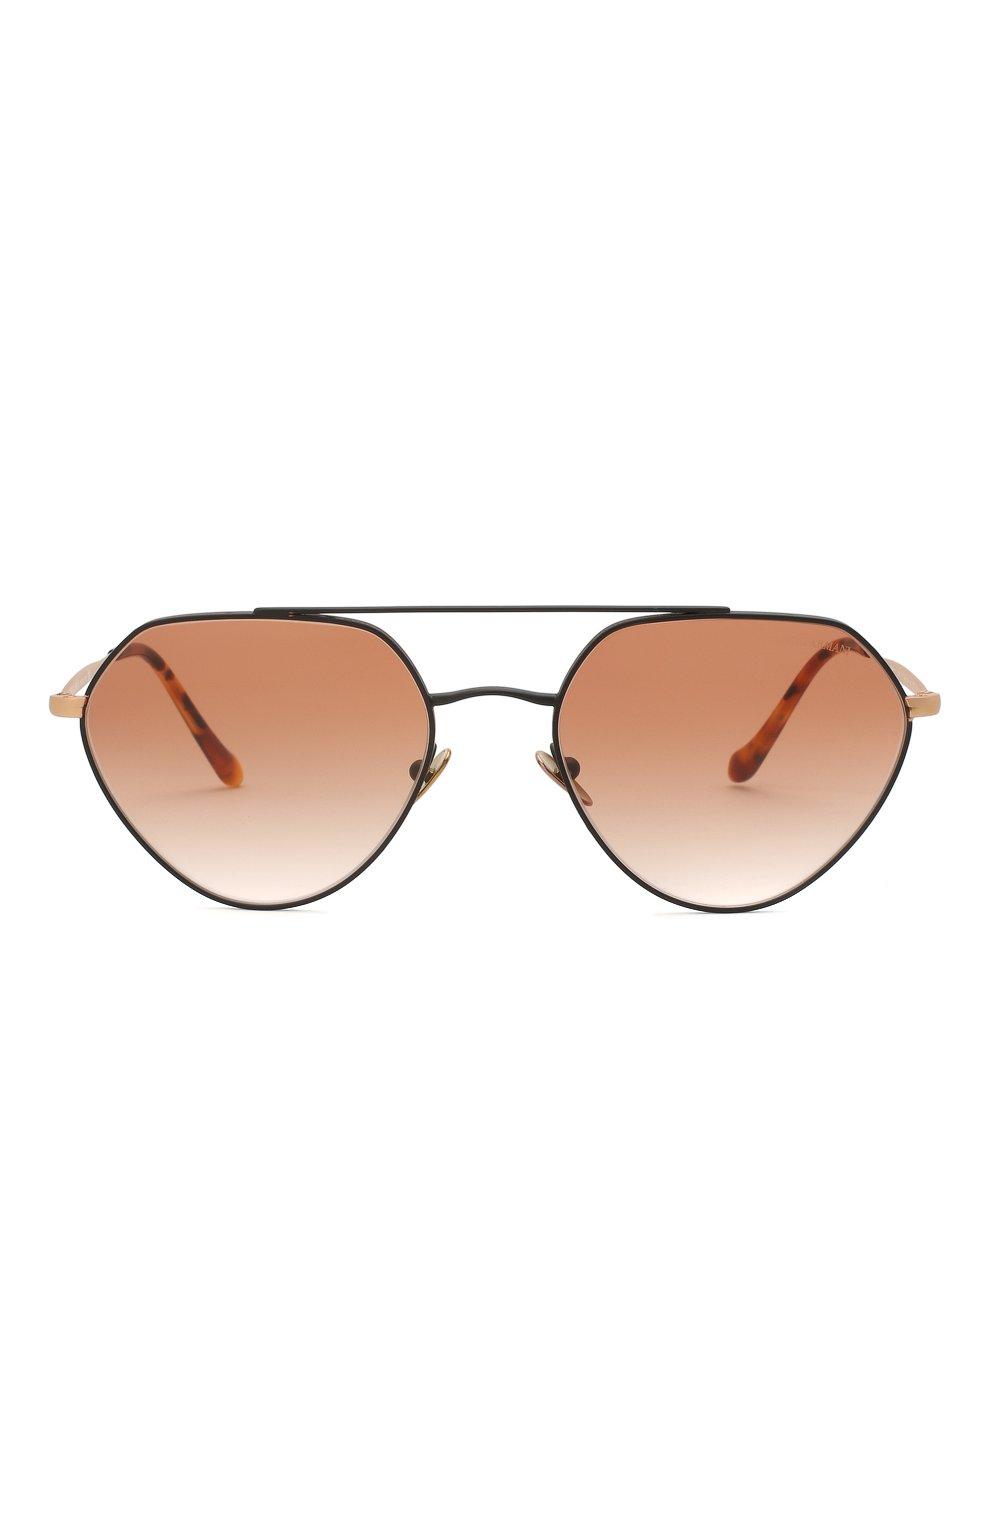 Мужские солнцезащитные очки GIORGIO ARMANI коричневого цвета, арт. AR6111 | Фото 3